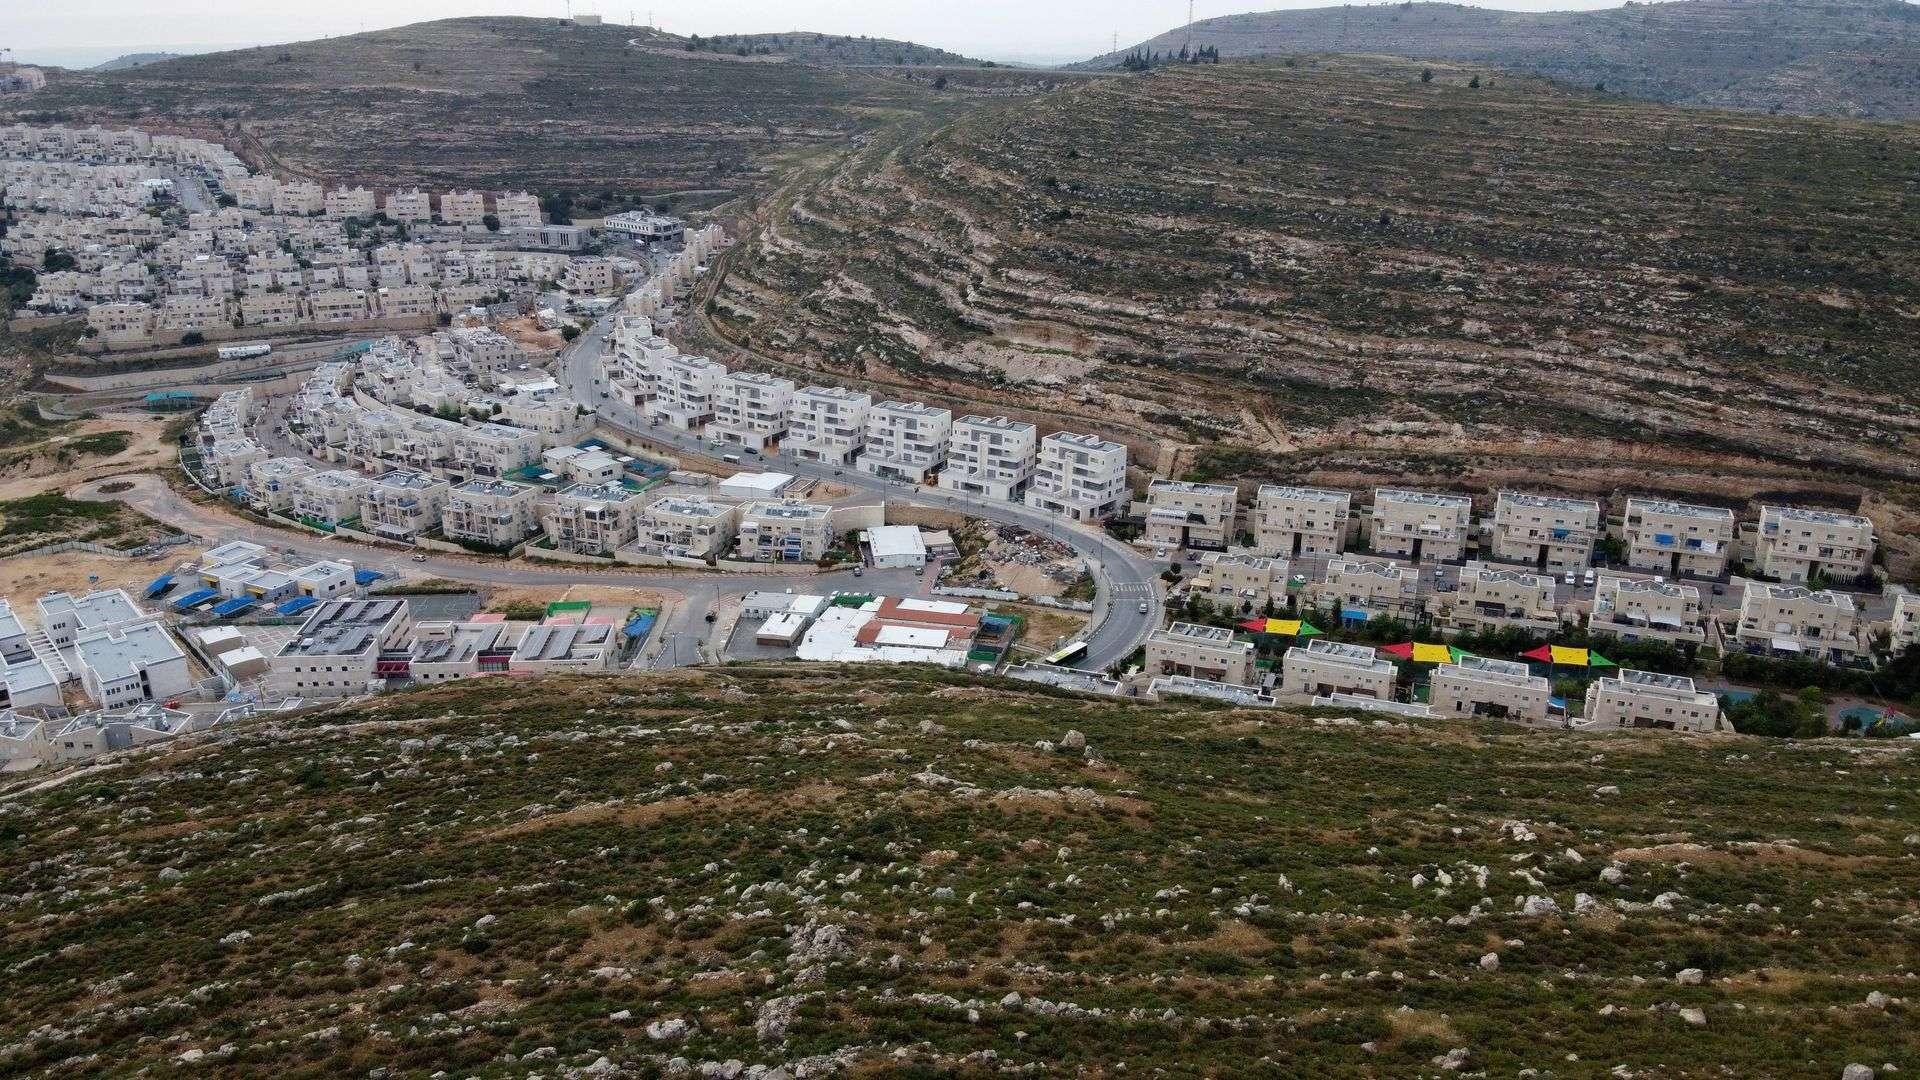 ضم إسرائيل أراضٍ فلسطينية هو نتاج سياسات الولايات المتحدة